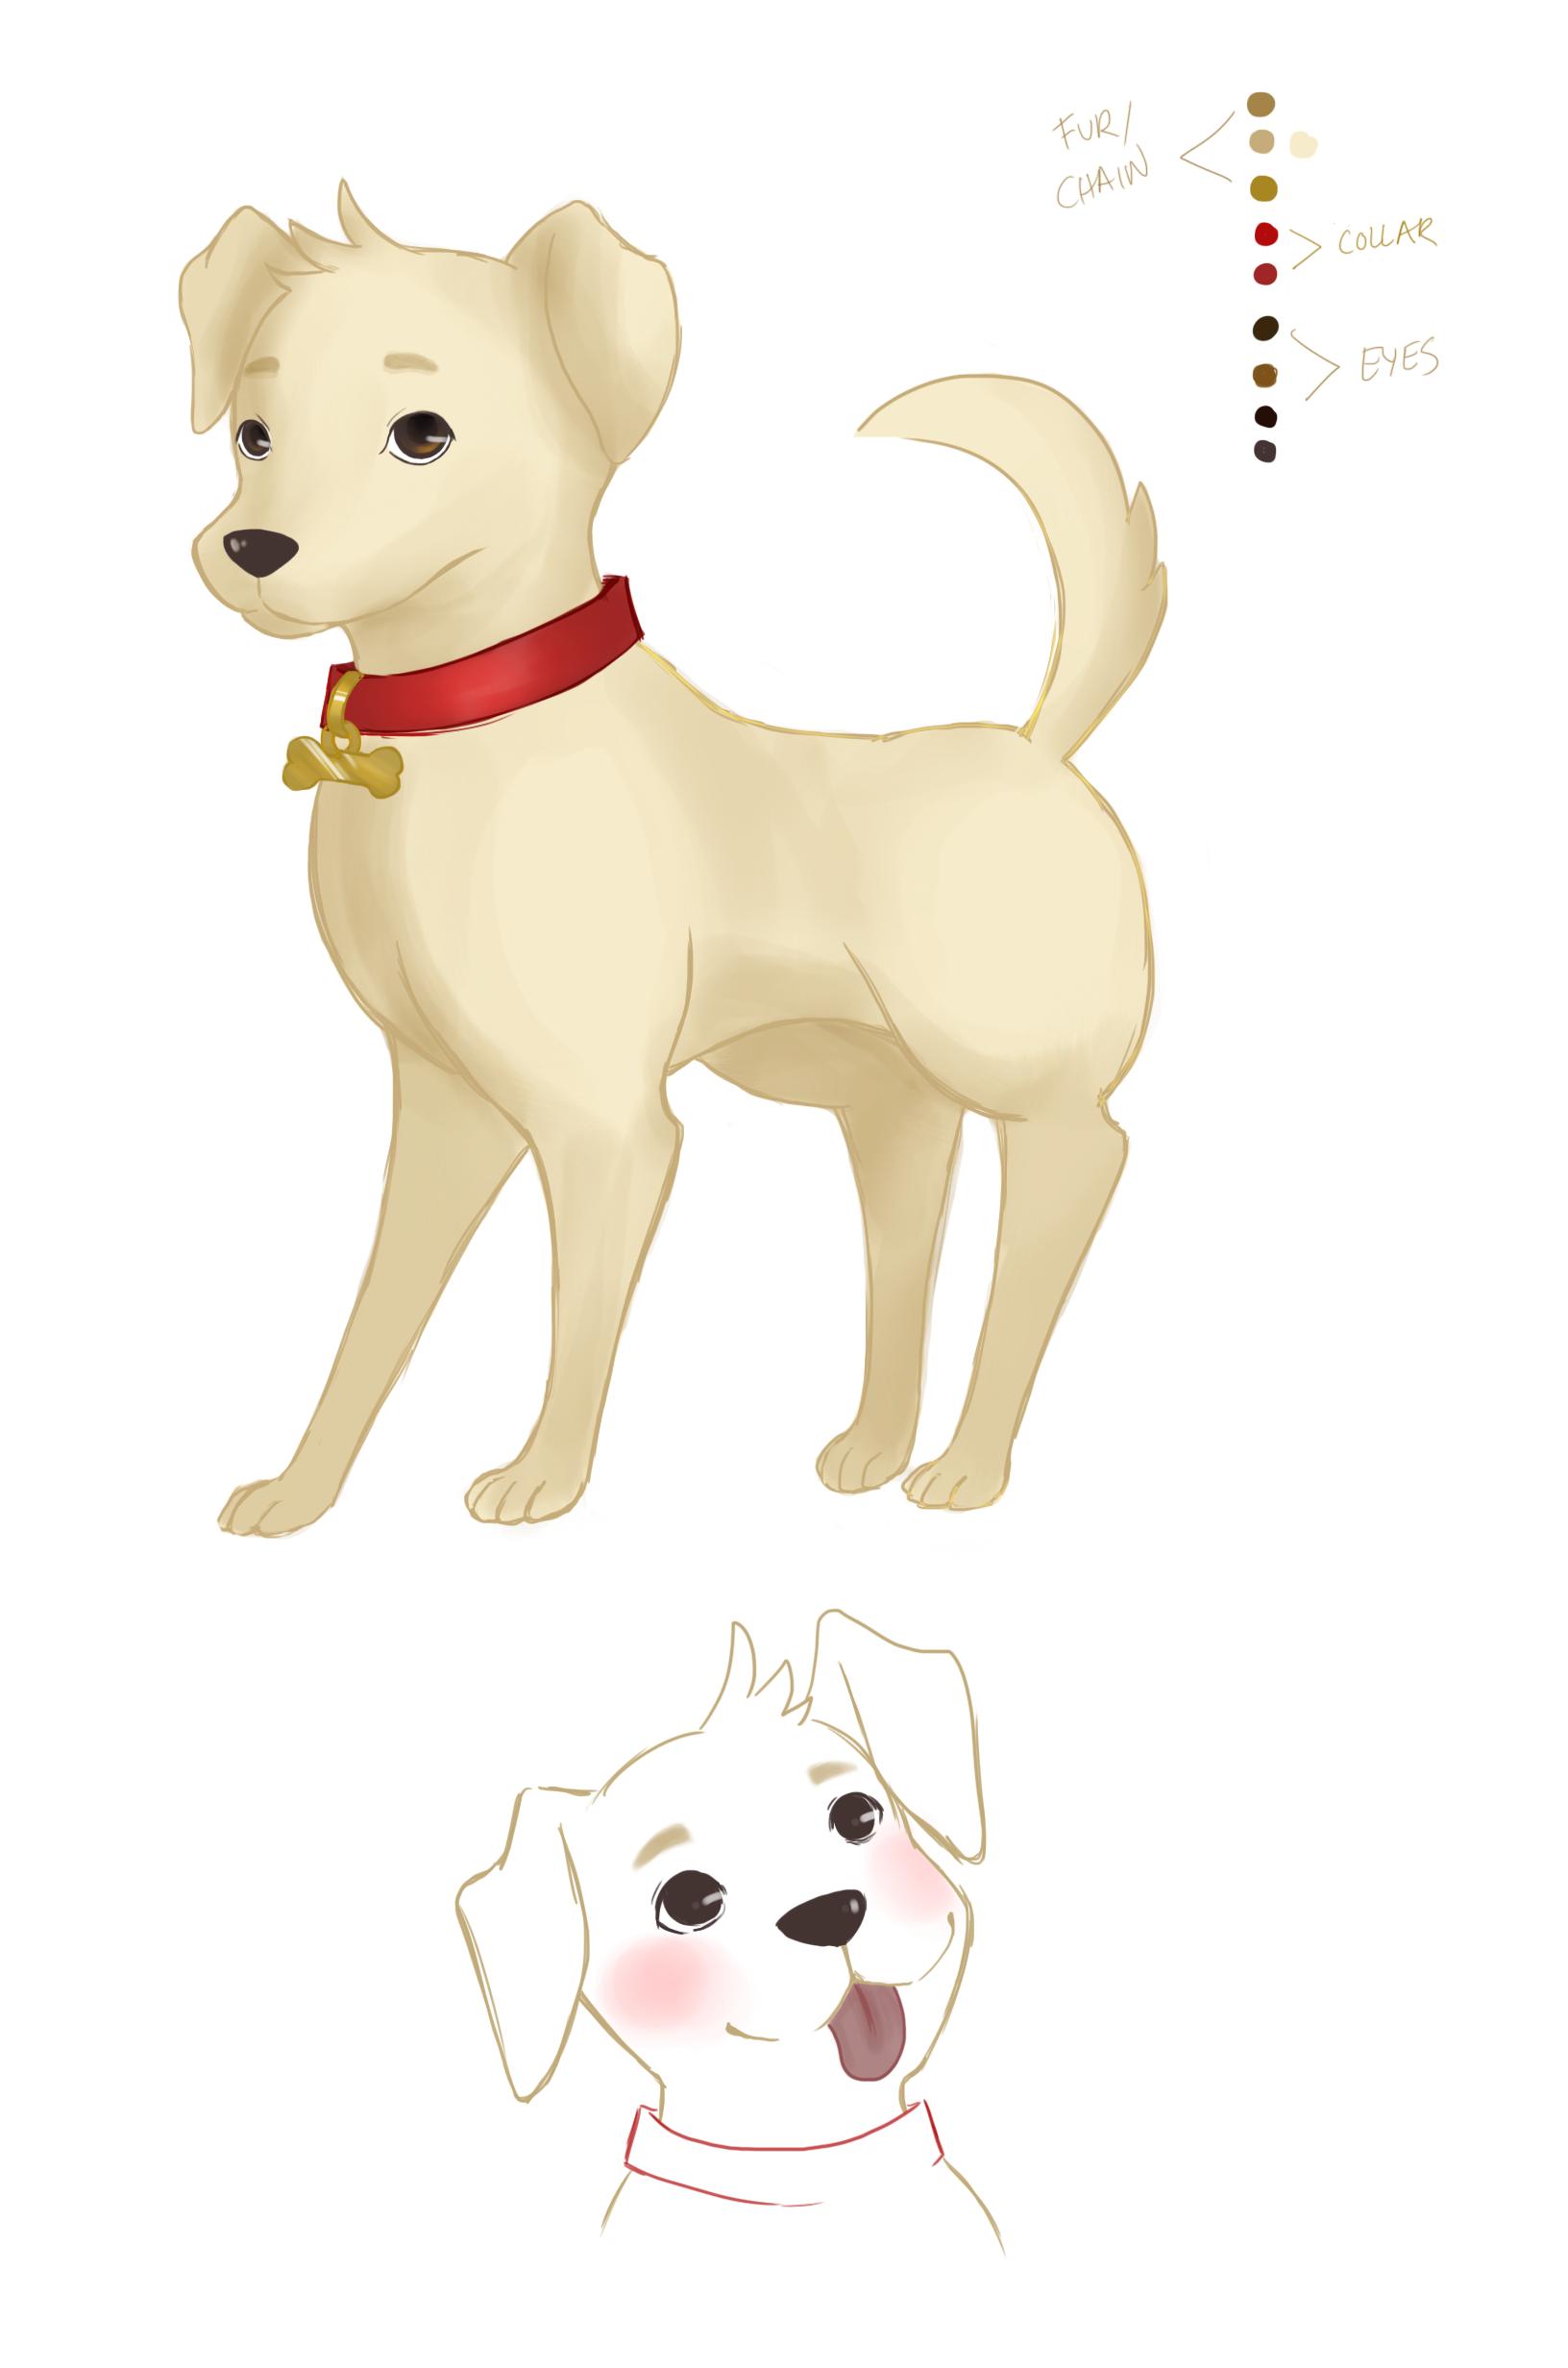 Initial design for Milo